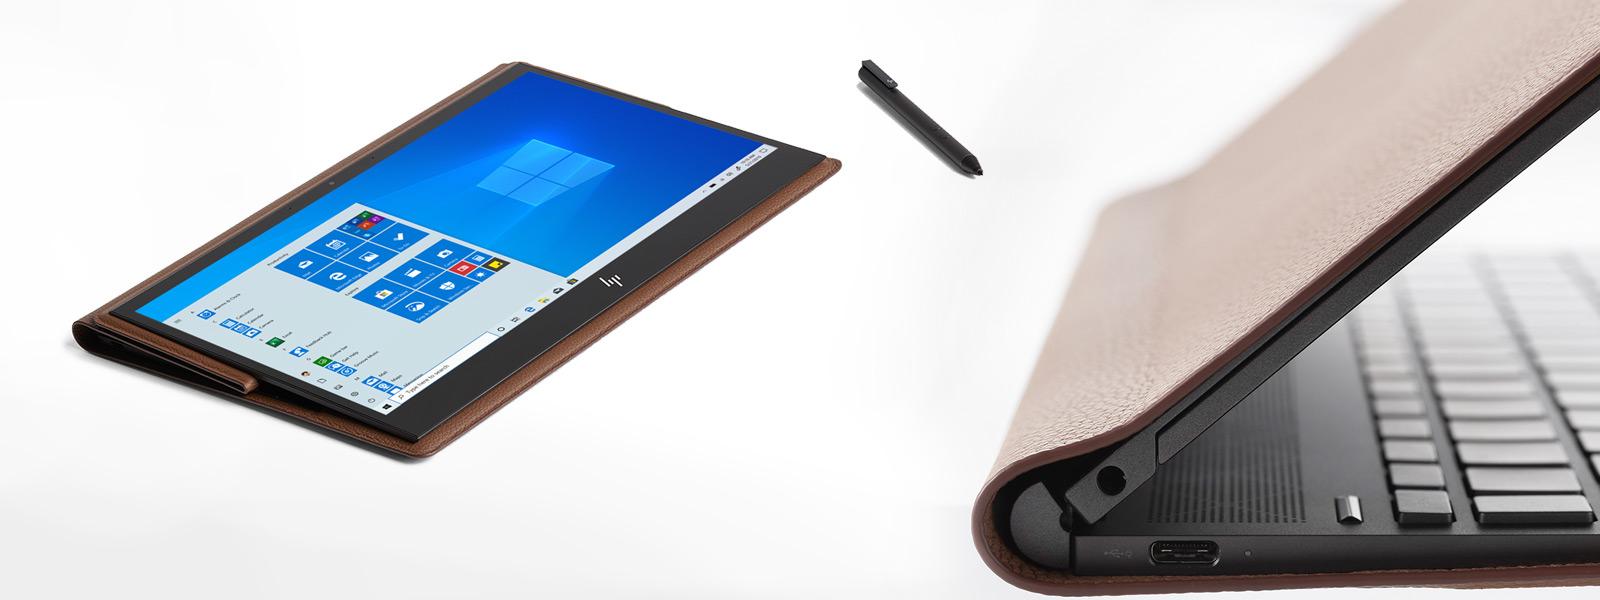 惠普Spectre Folio显示为水平放置,并在笔旁边放有Windows 10启动屏幕,还从侧面显示了特写镜头,显示了键盘上的按键、扬声器和连接以及皮套的细节部分。